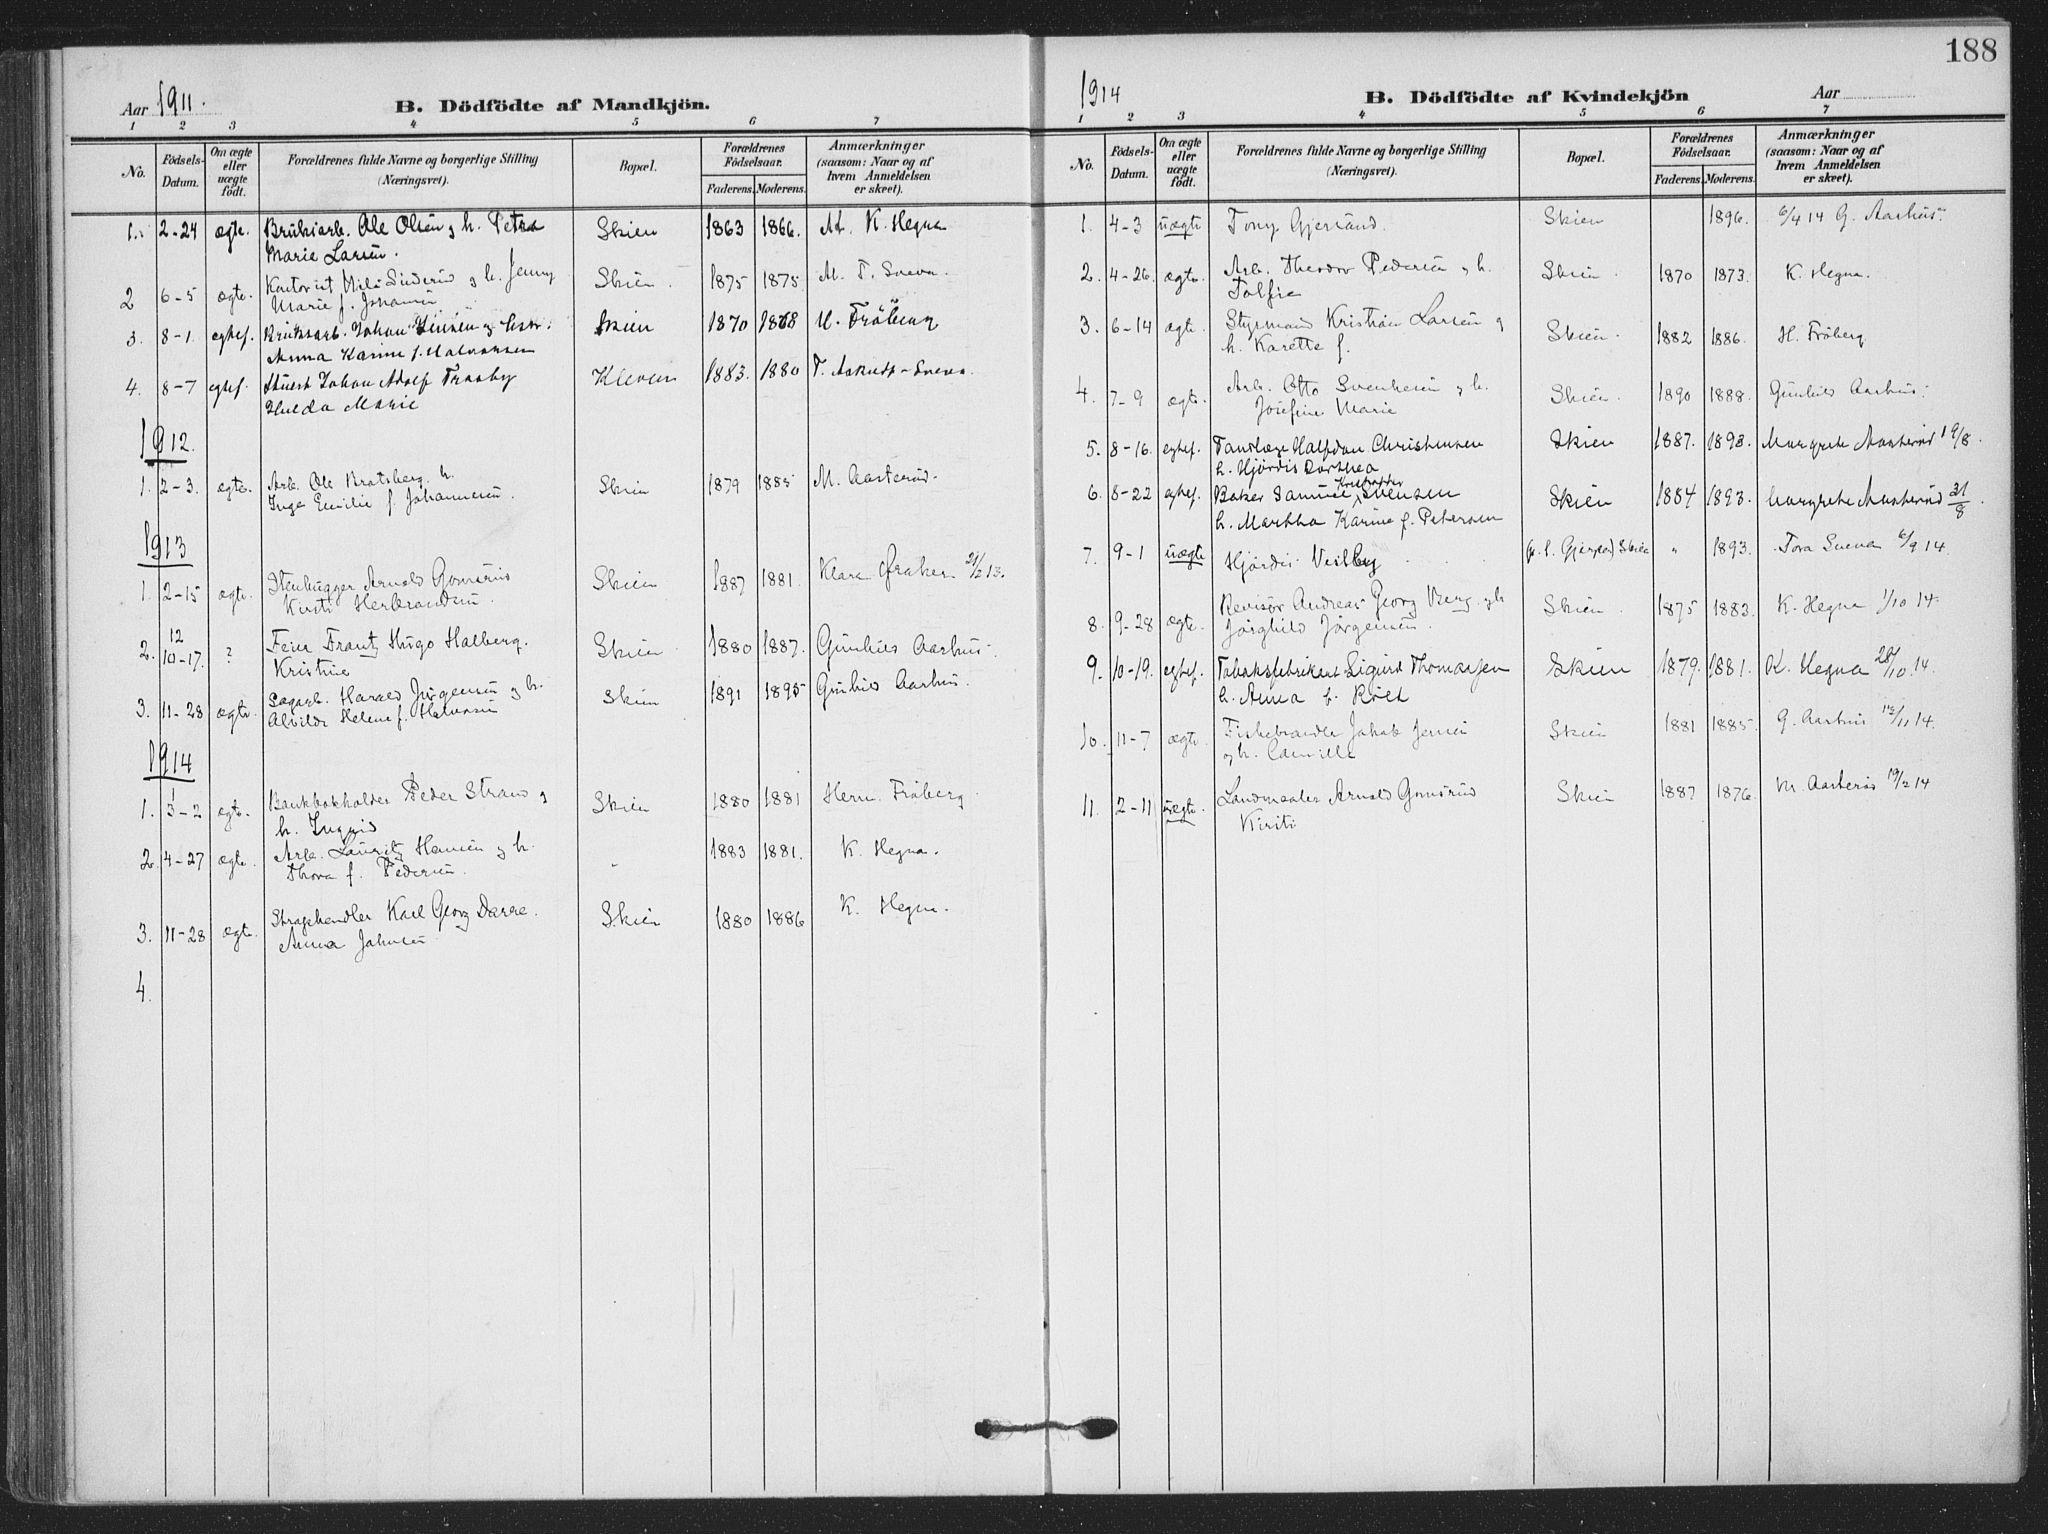 SAKO, Skien kirkebøker, F/Fa/L0012: Ministerialbok nr. 12, 1908-1914, s. 188